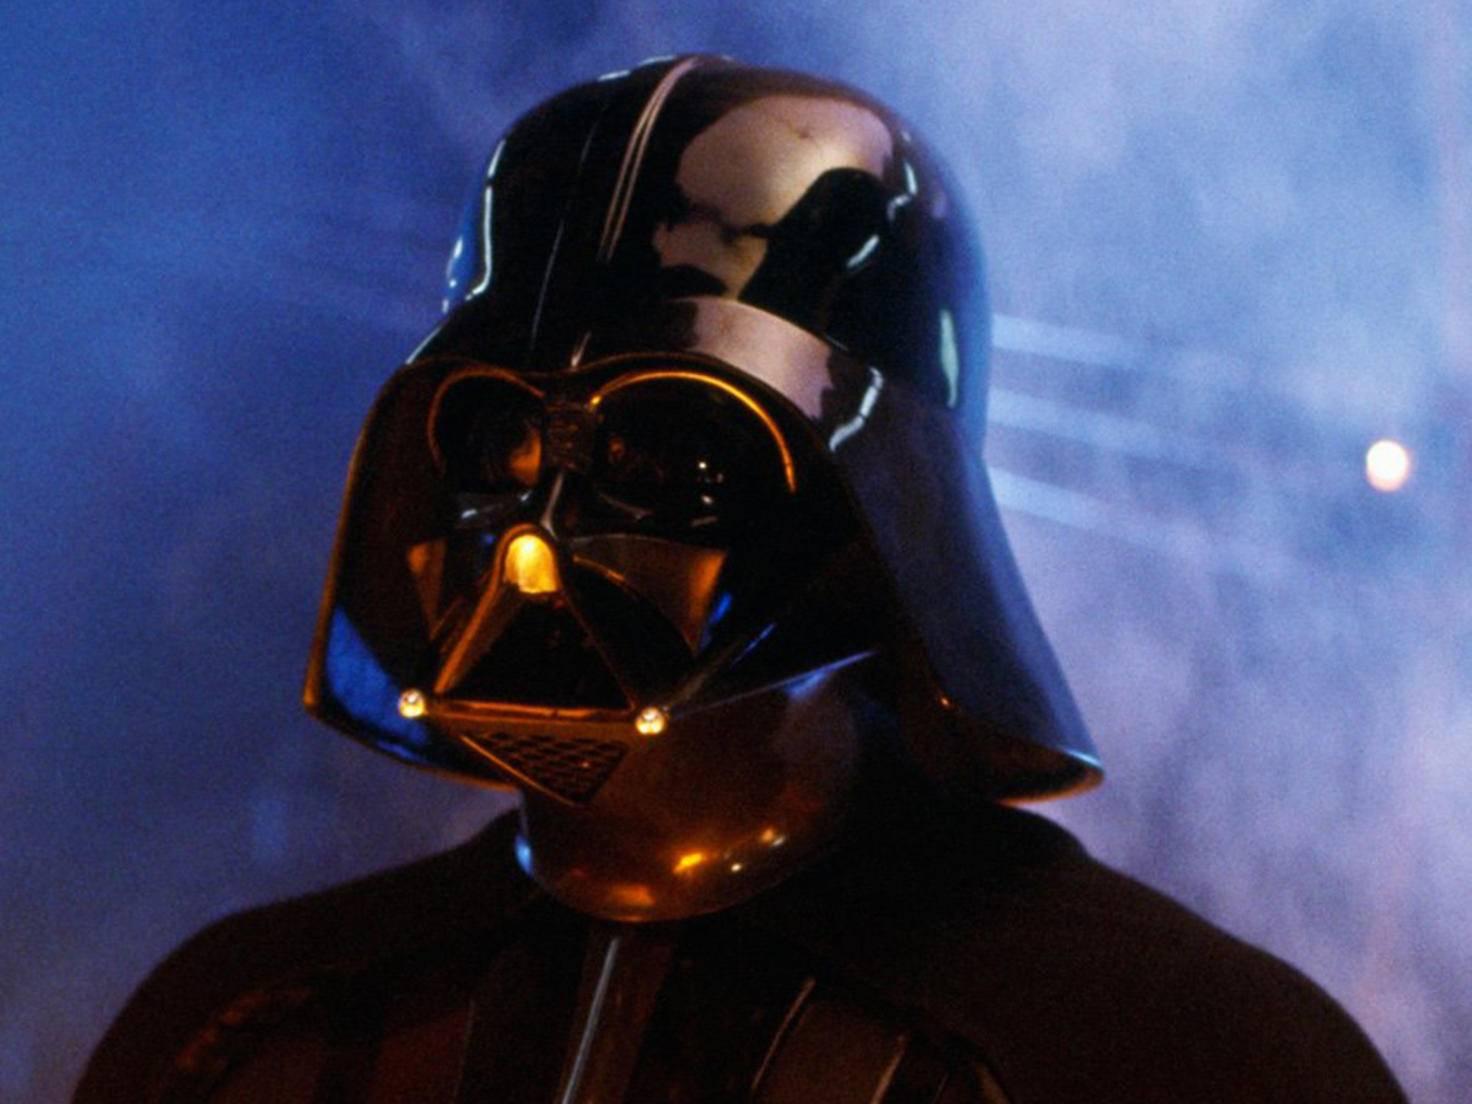 Vom Jedi zum Sith-Lord und zurück: Darth Vader.